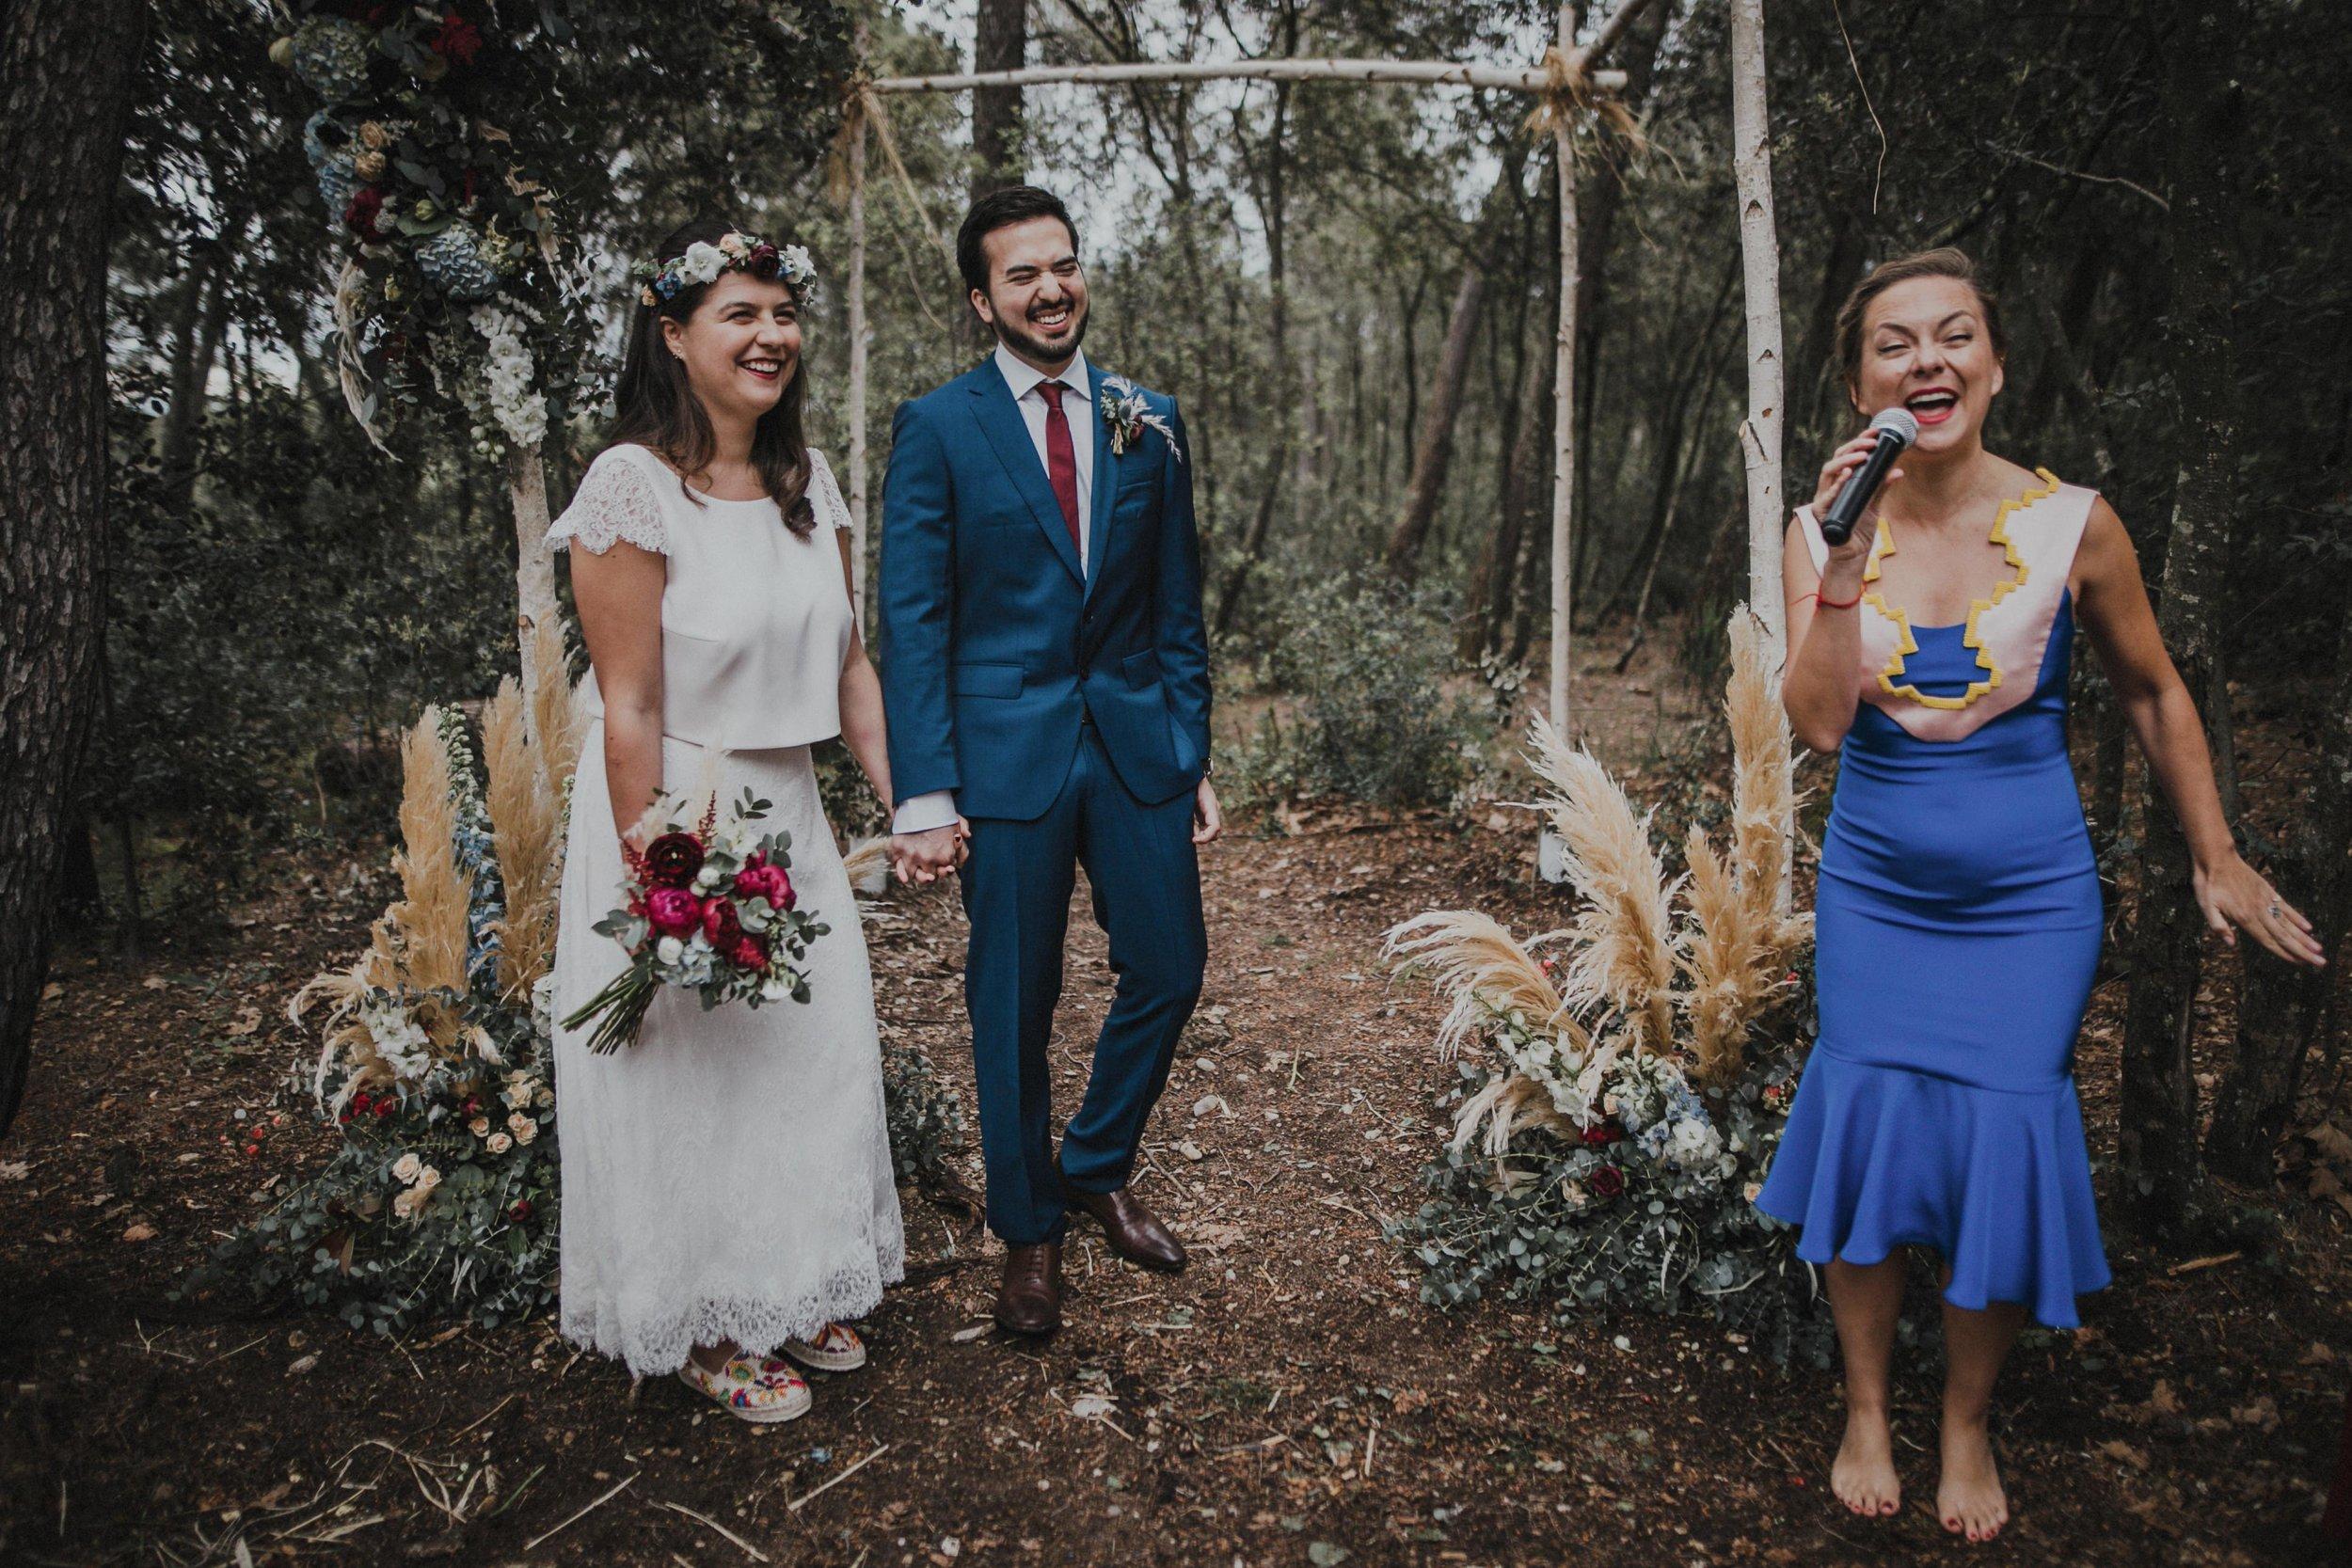 Fotografo de bodas españa serafin castillo wedding photographer spain 915.jpg